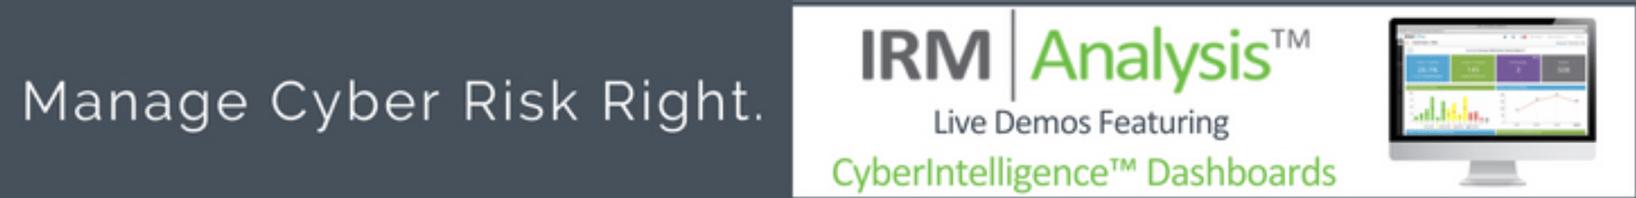 CyberIntelligence Dashboard Demos